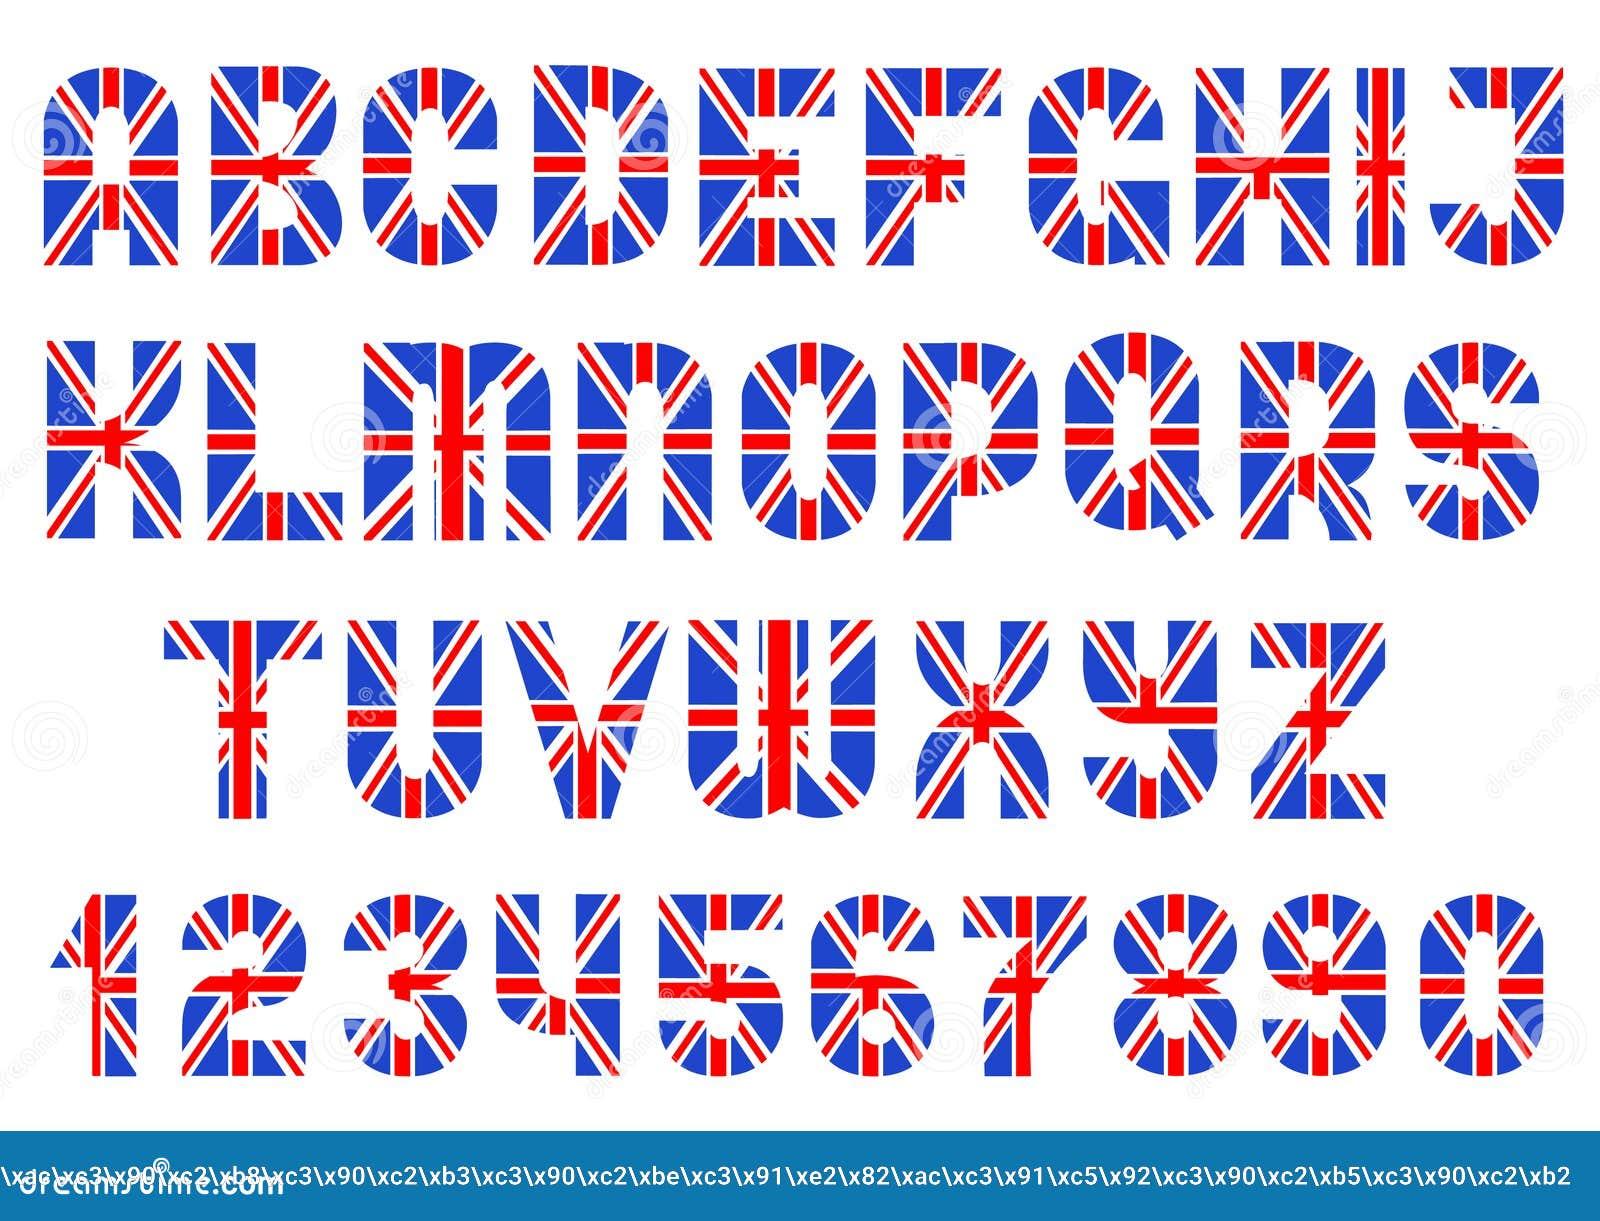 Wine Corks Alphabet Of British Flag Royalty Free Stock Photo Image